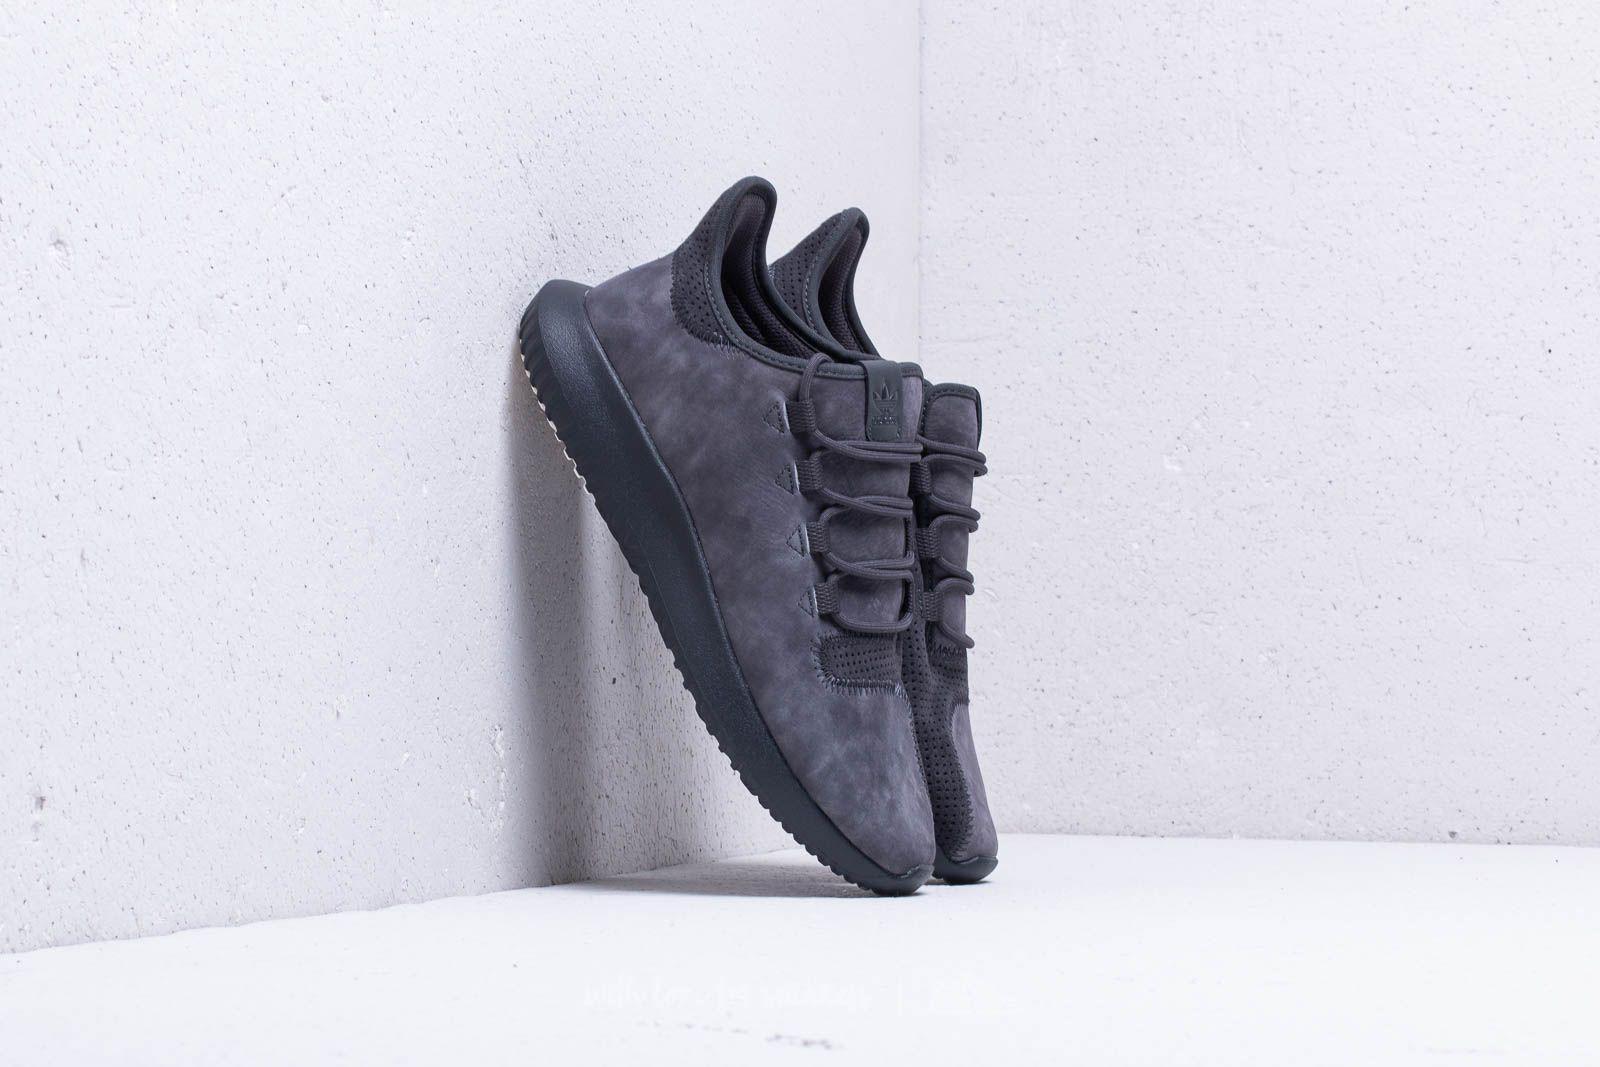 Lyst - adidas Originals Adidas Tubular Shadow Carbon  Carbon  Chalk ... 57db83cb83f8e